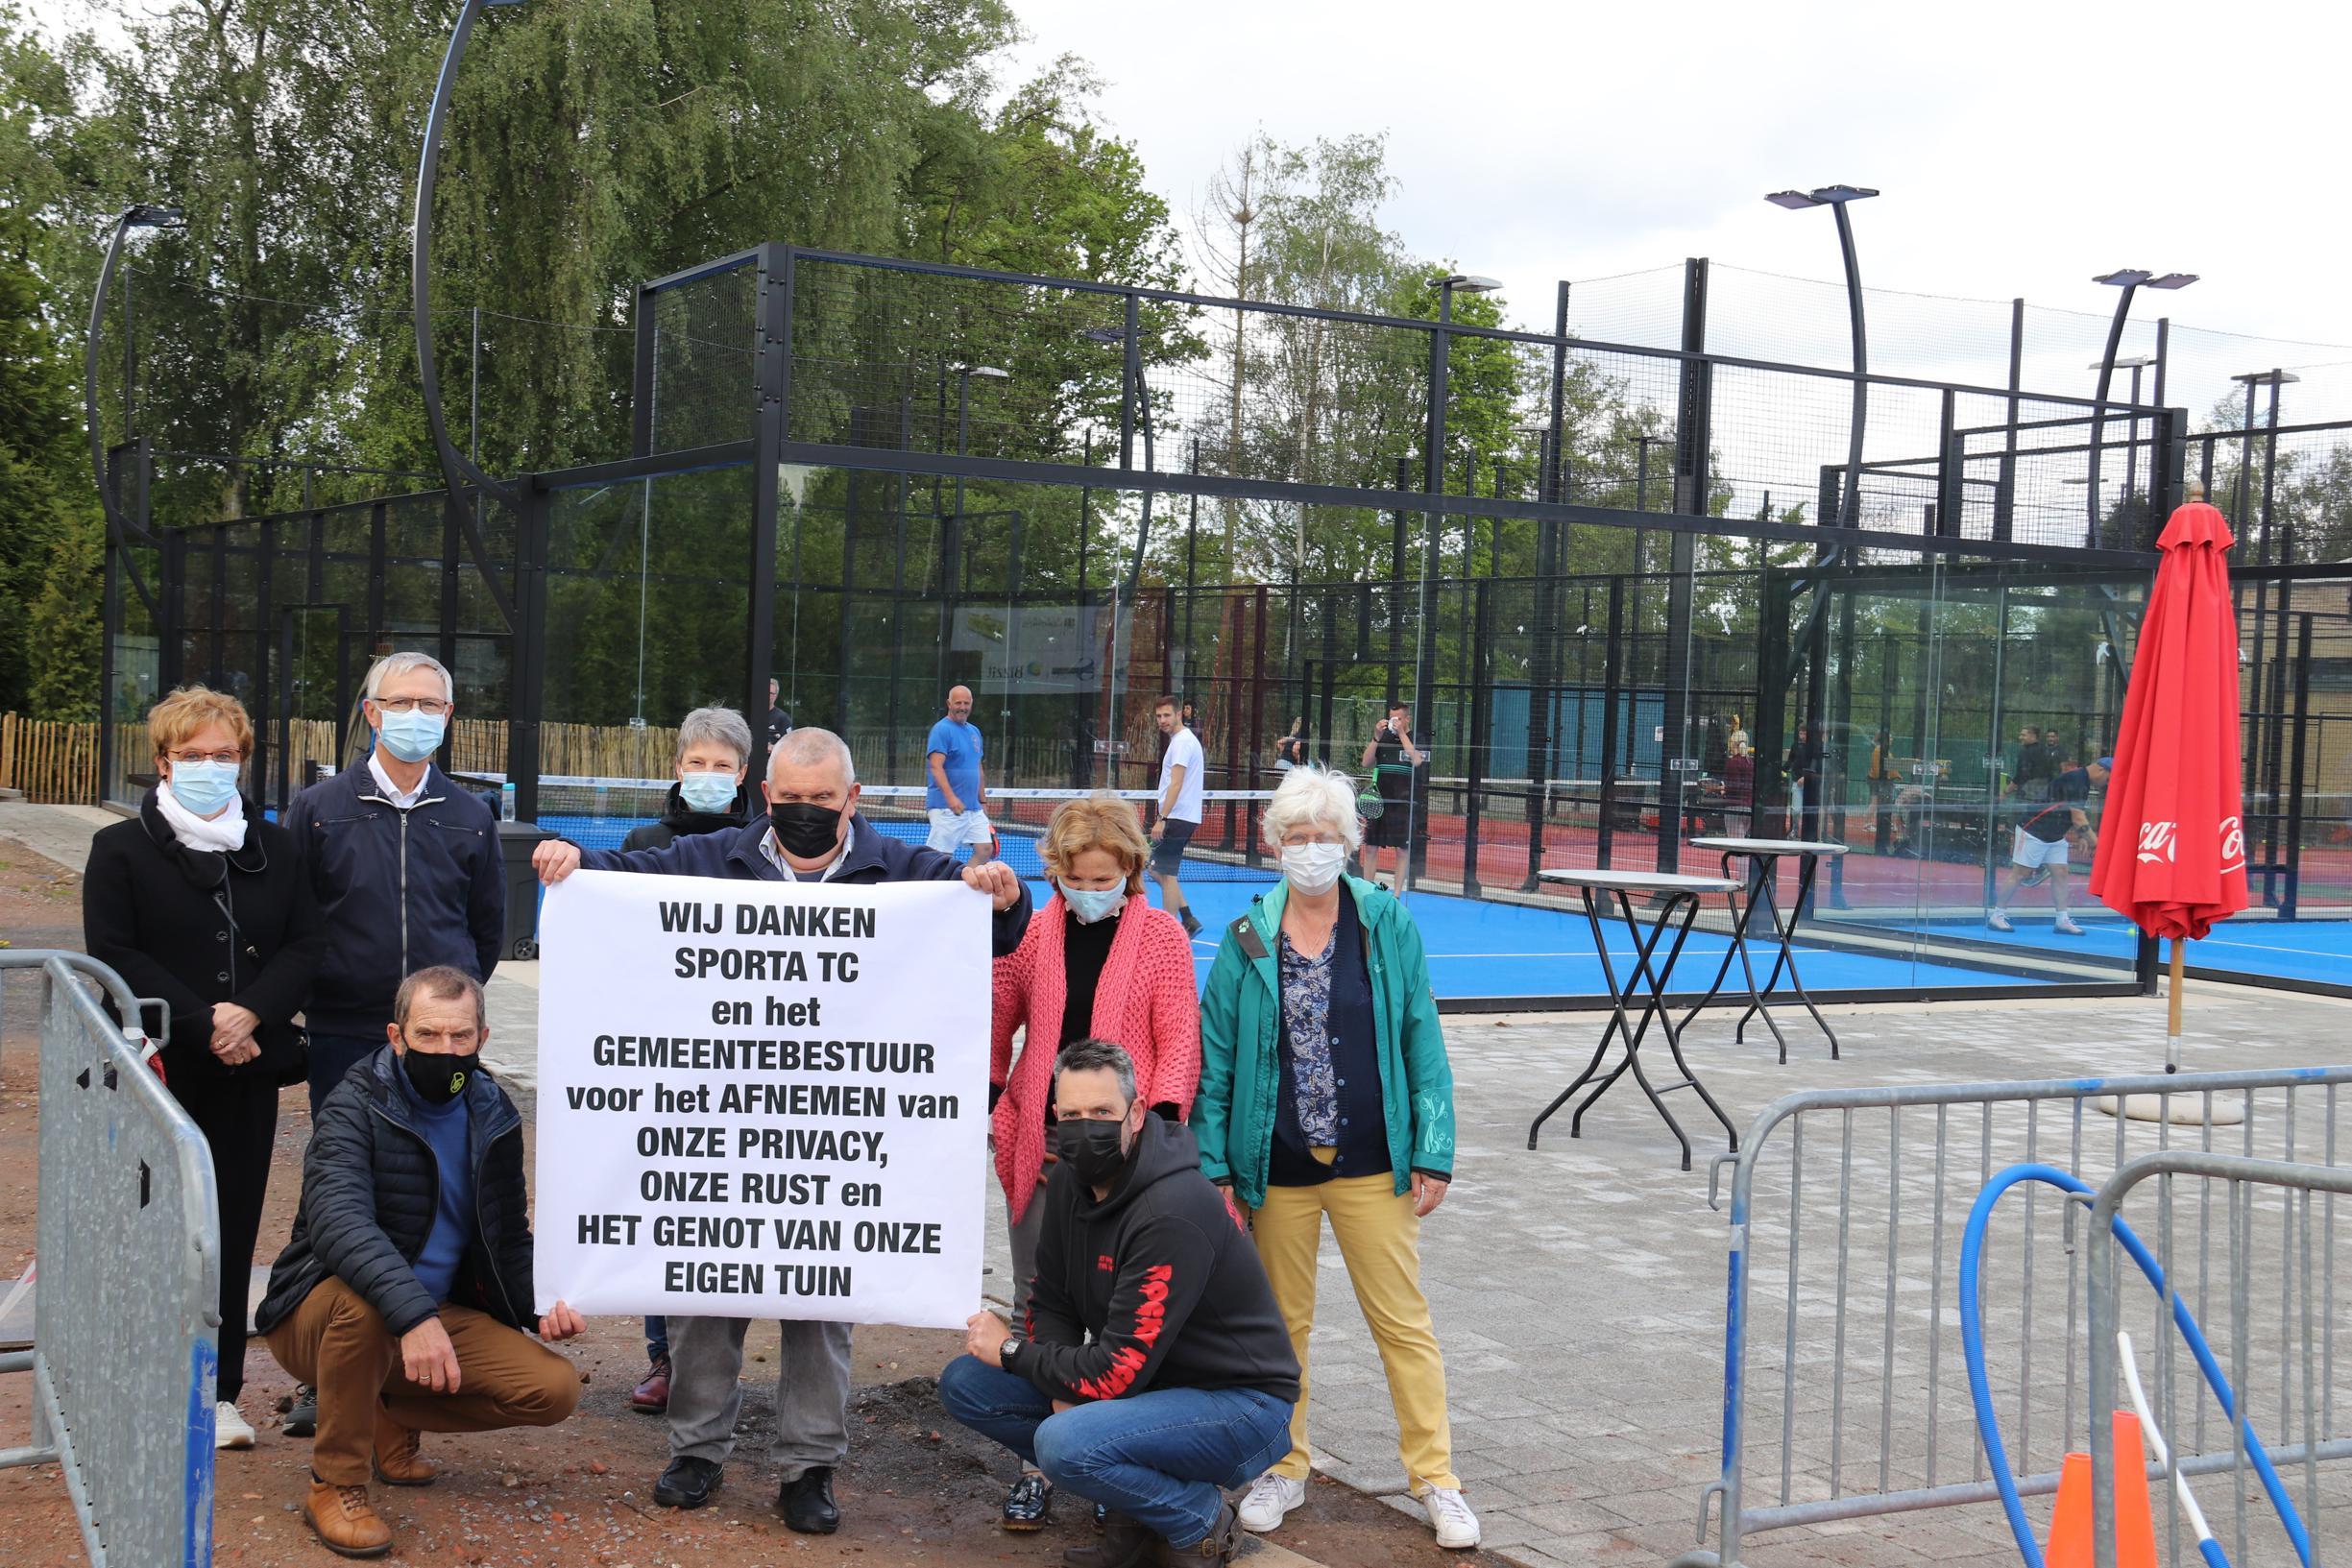 Buurtbewoners klagen over overlast padel, maar club vindt geen oplossing